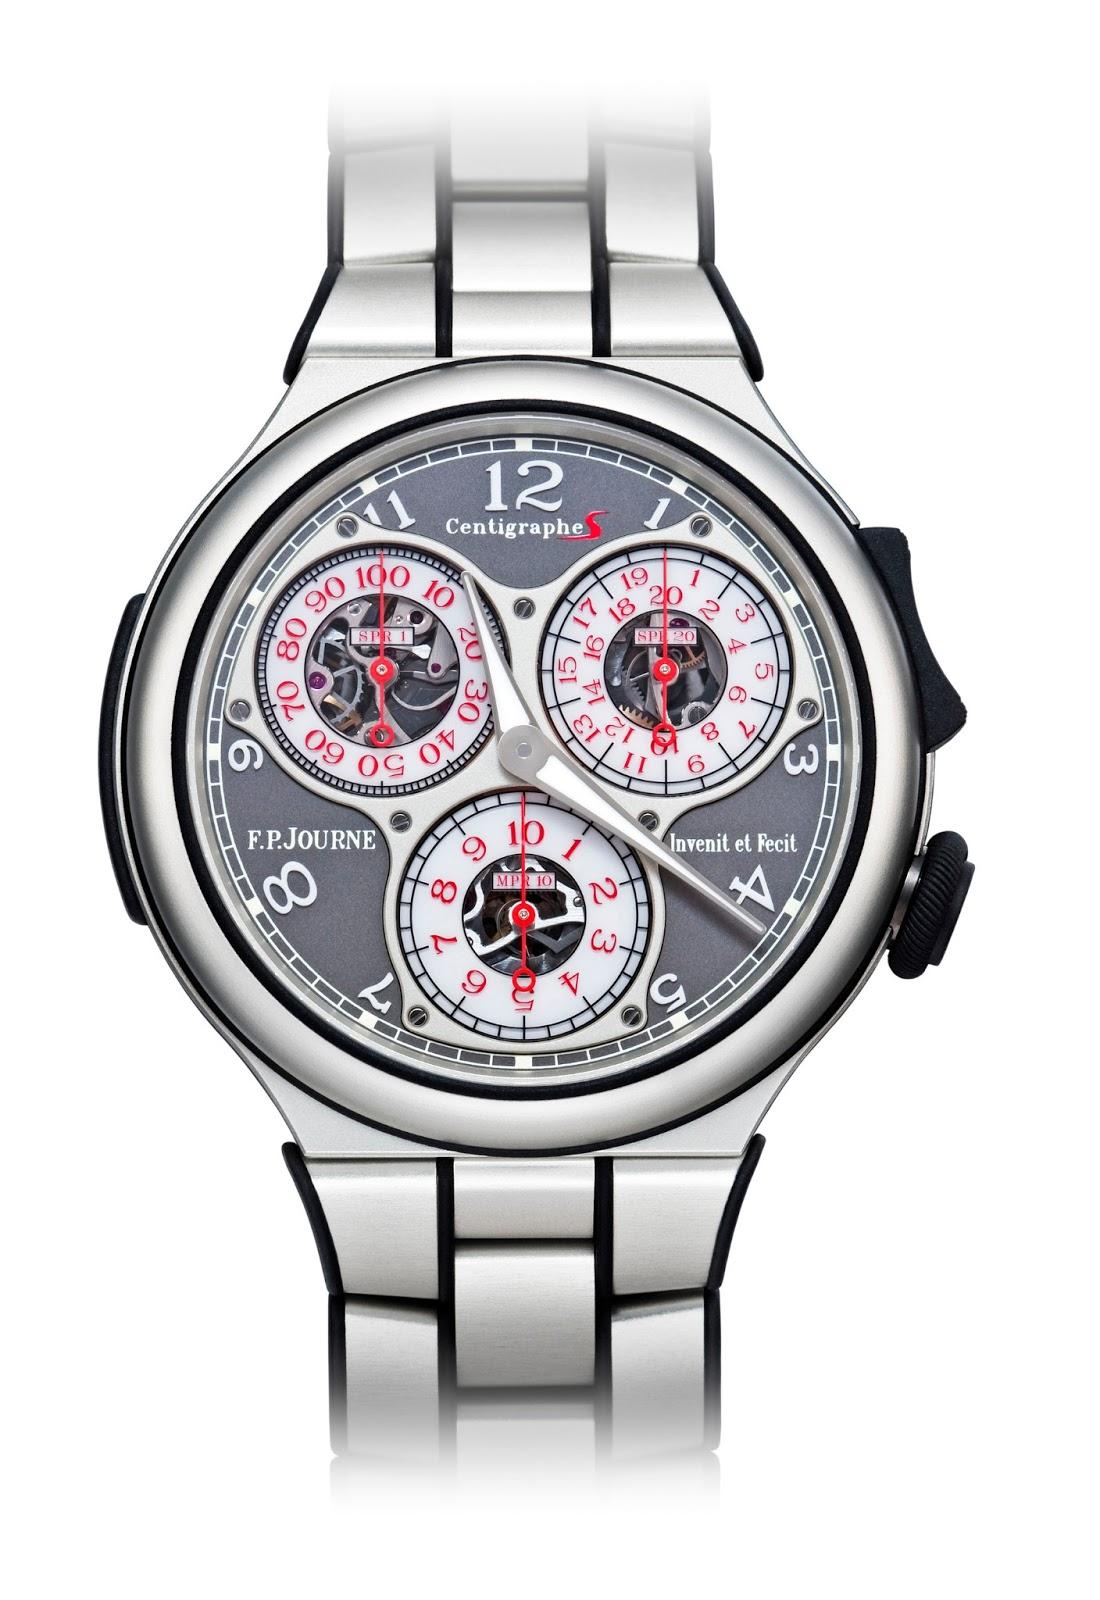 780158e43b0 Estação Cronográfica  Chegado ao mercado - relógio F.P. Journe ...